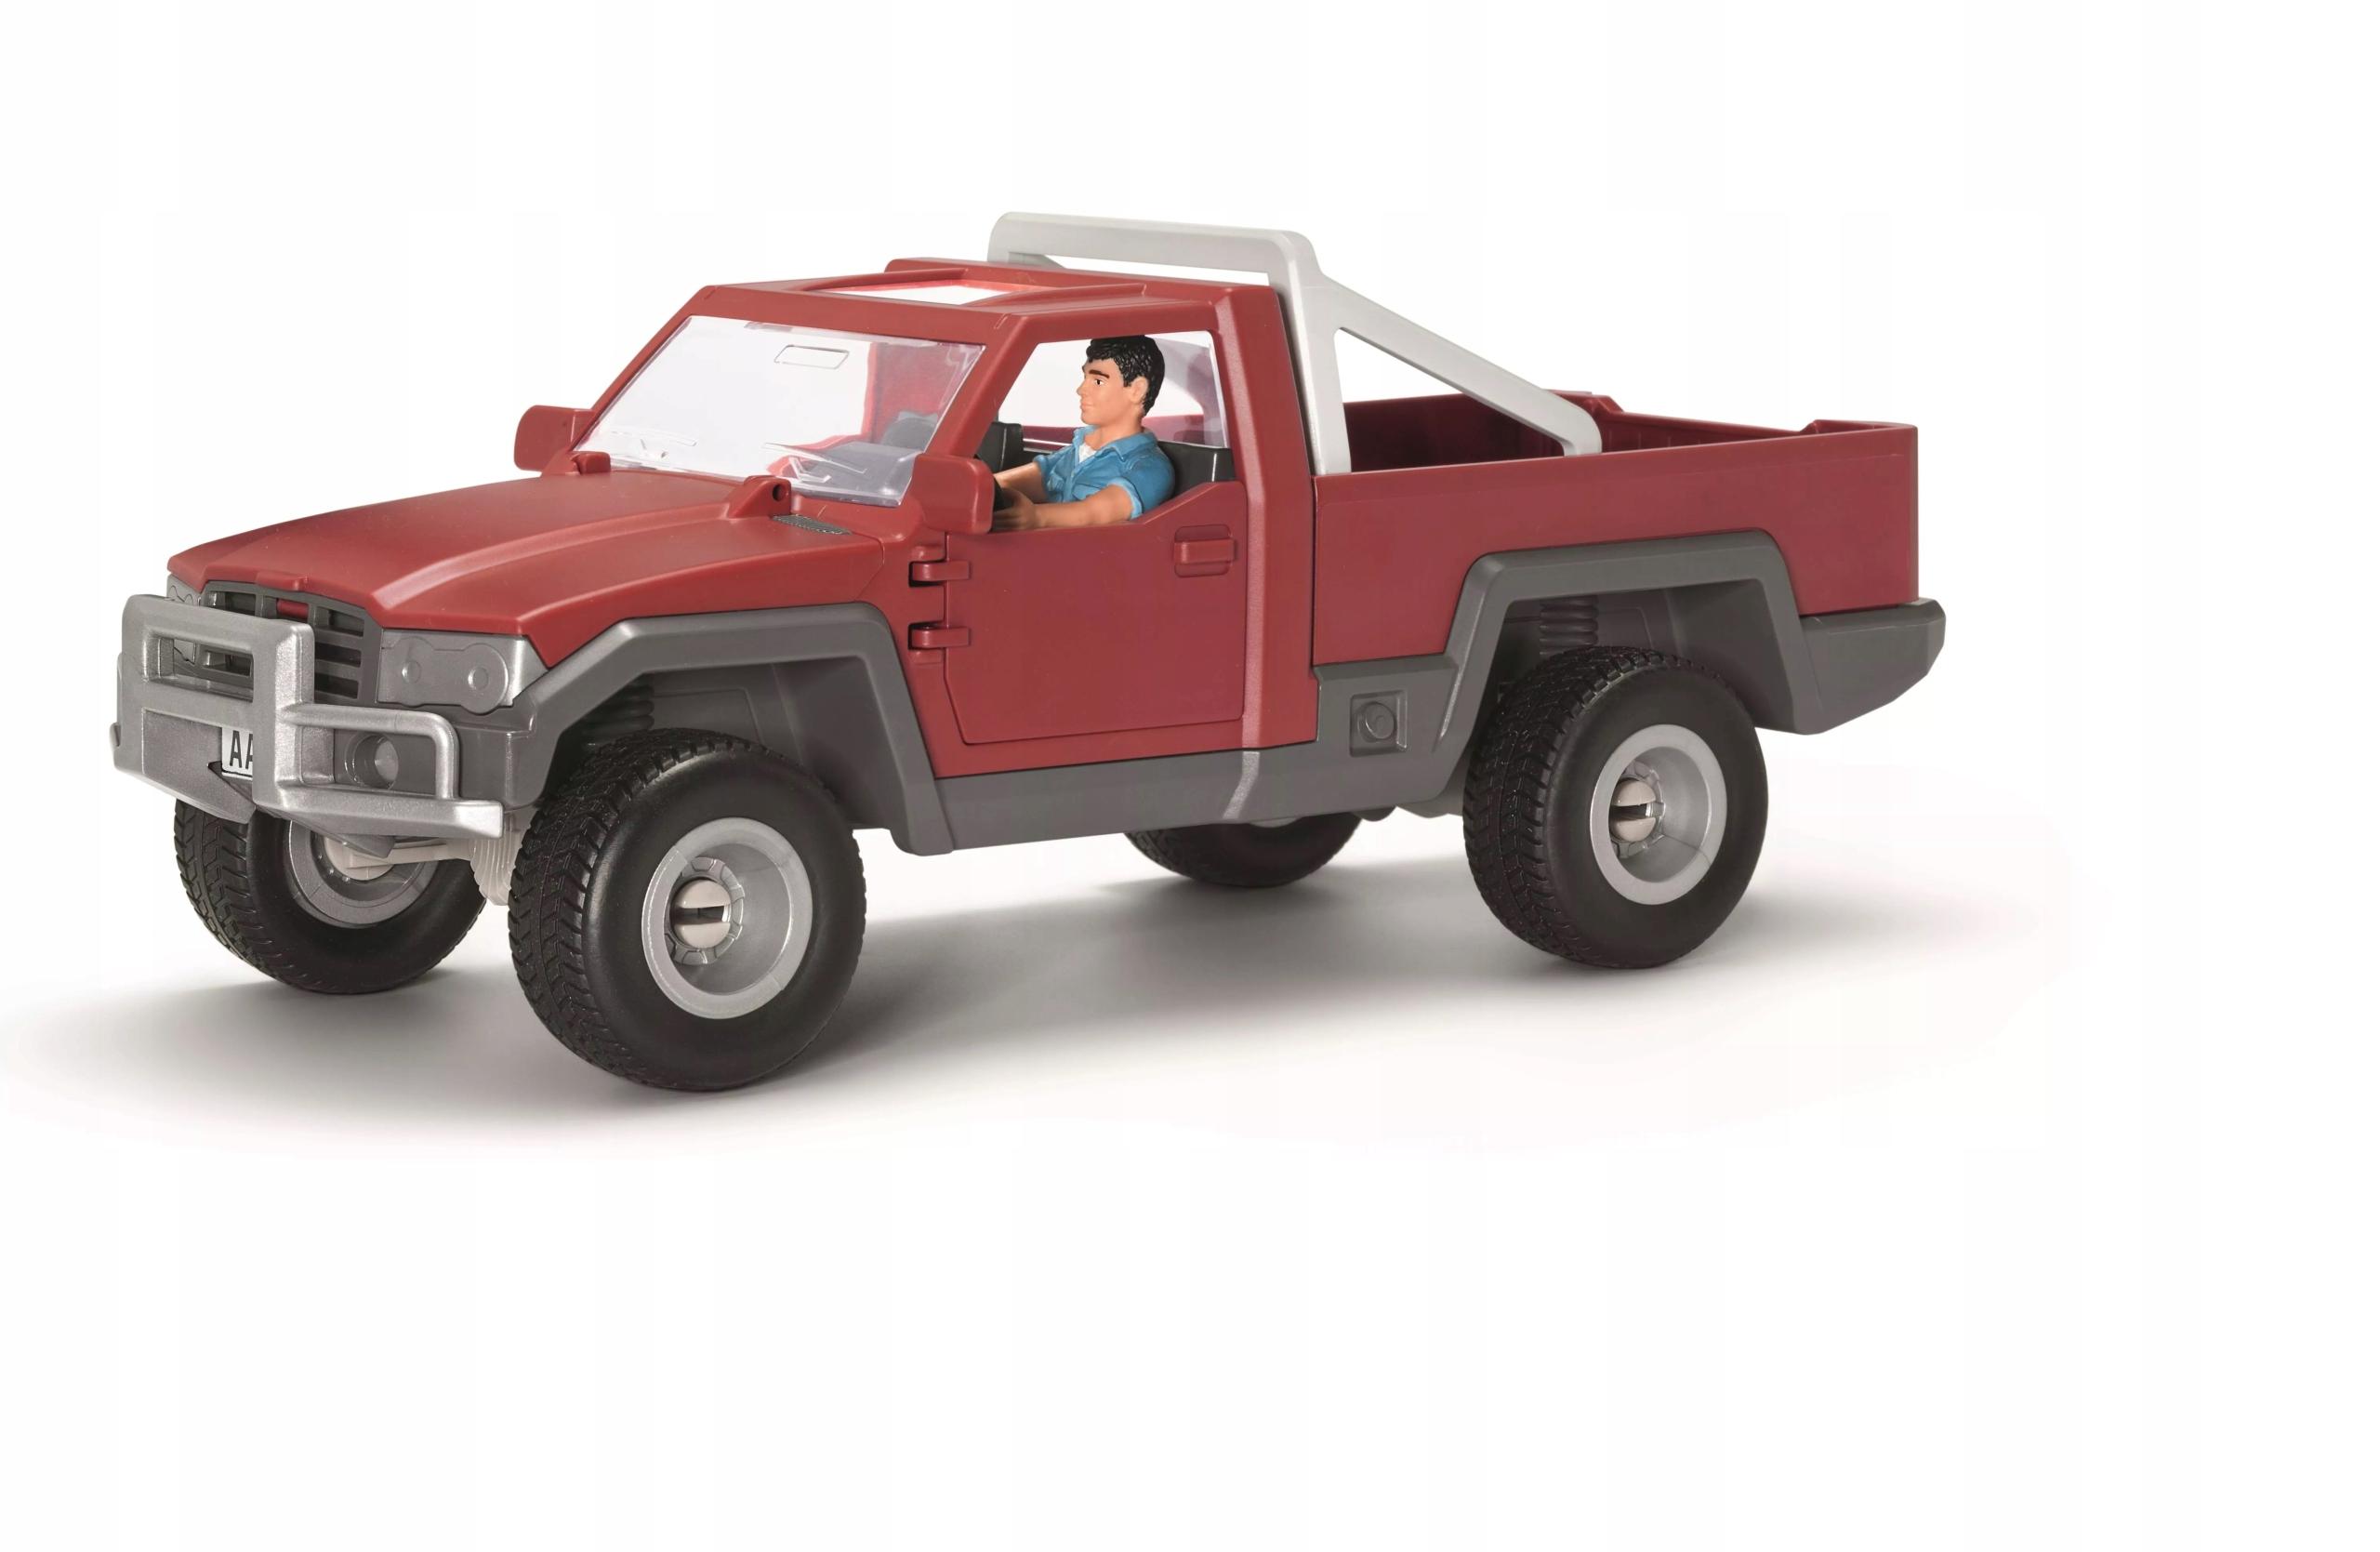 Schleich 42090 Samochód terenowy z kierowcą